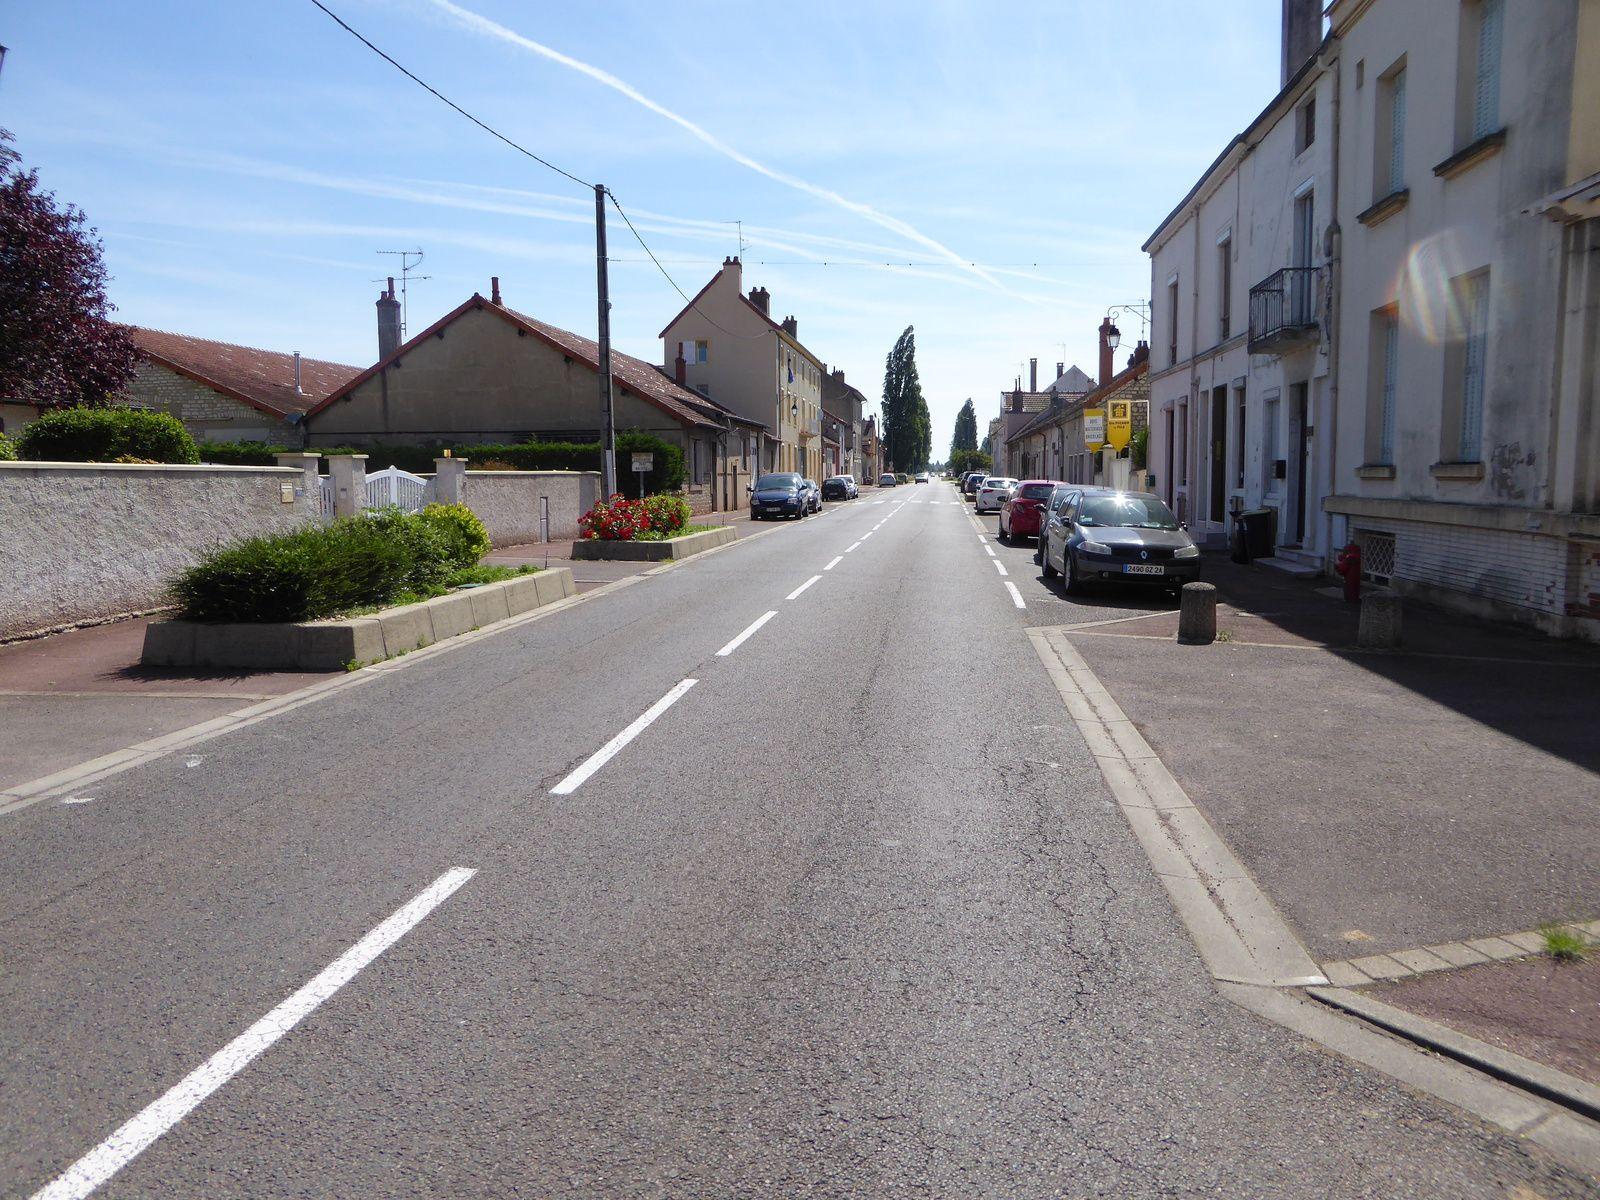 La Bressane: Chalon-sur-Saône,Louhans, Lons-le Saunier et la PLM